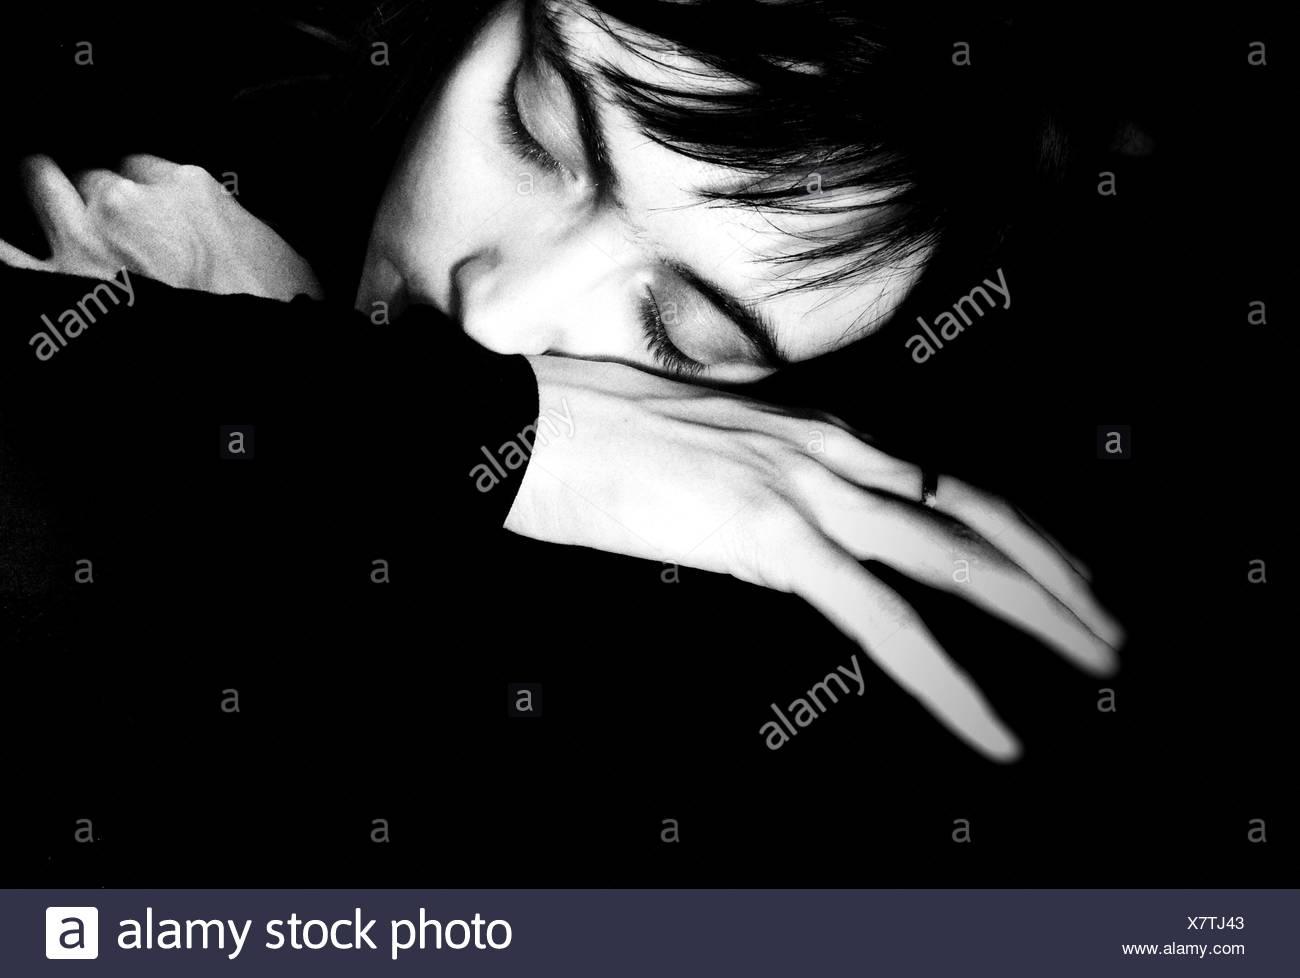 Ritratto di donna che dorme Immagini Stock